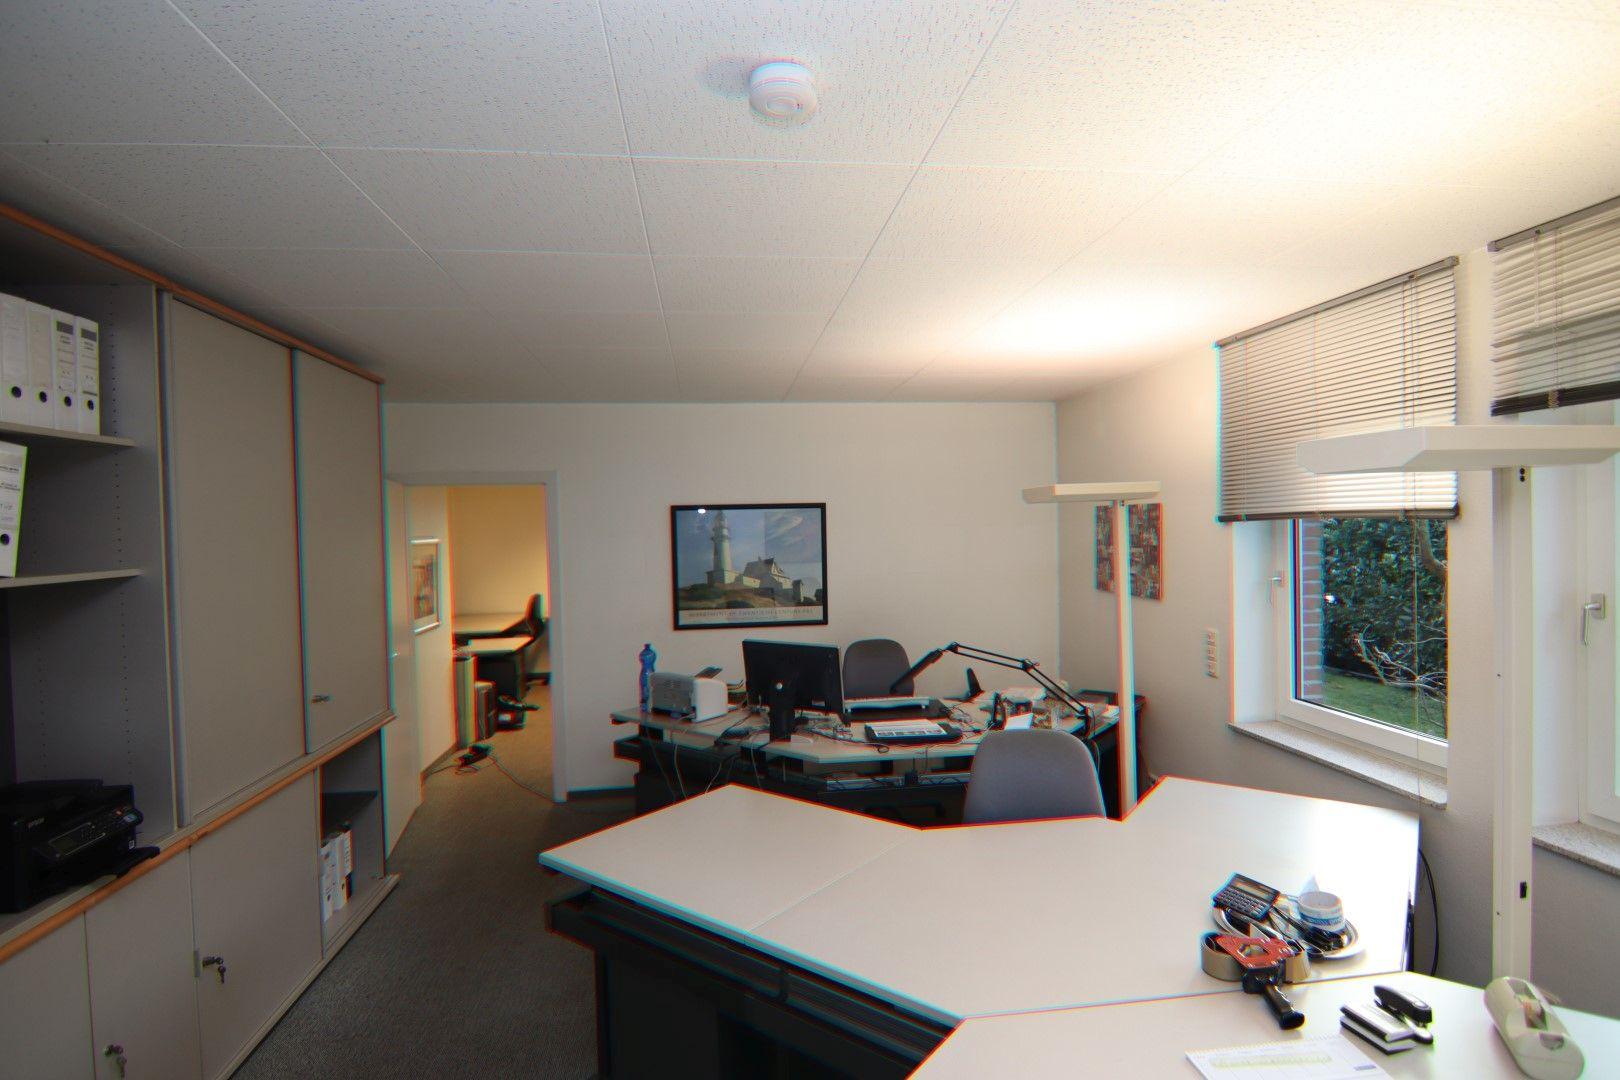 Immobilie Nr.0284 - 3 Räume, Küche, Badezimmer, Stellplatz - Bild 4.jpg